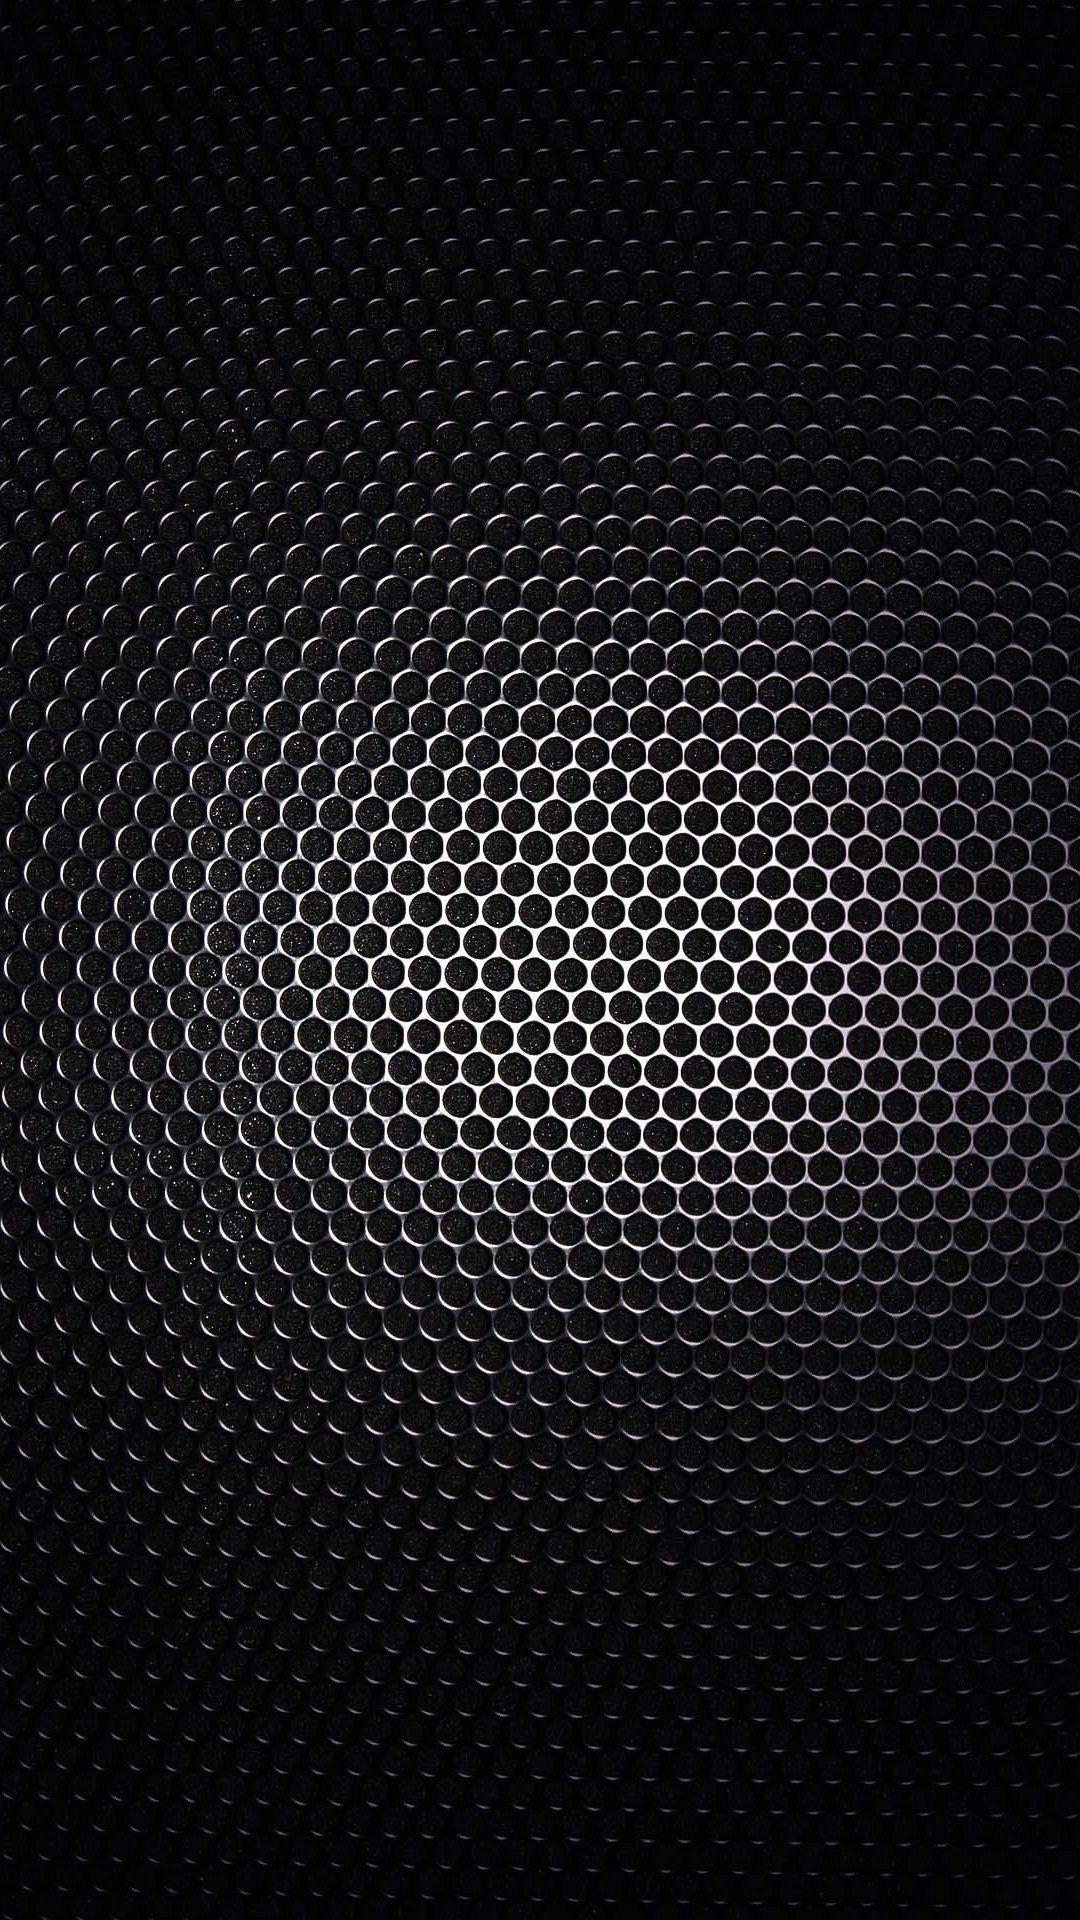 26 Samsung A7 Wallpapers On Wallpapersafari